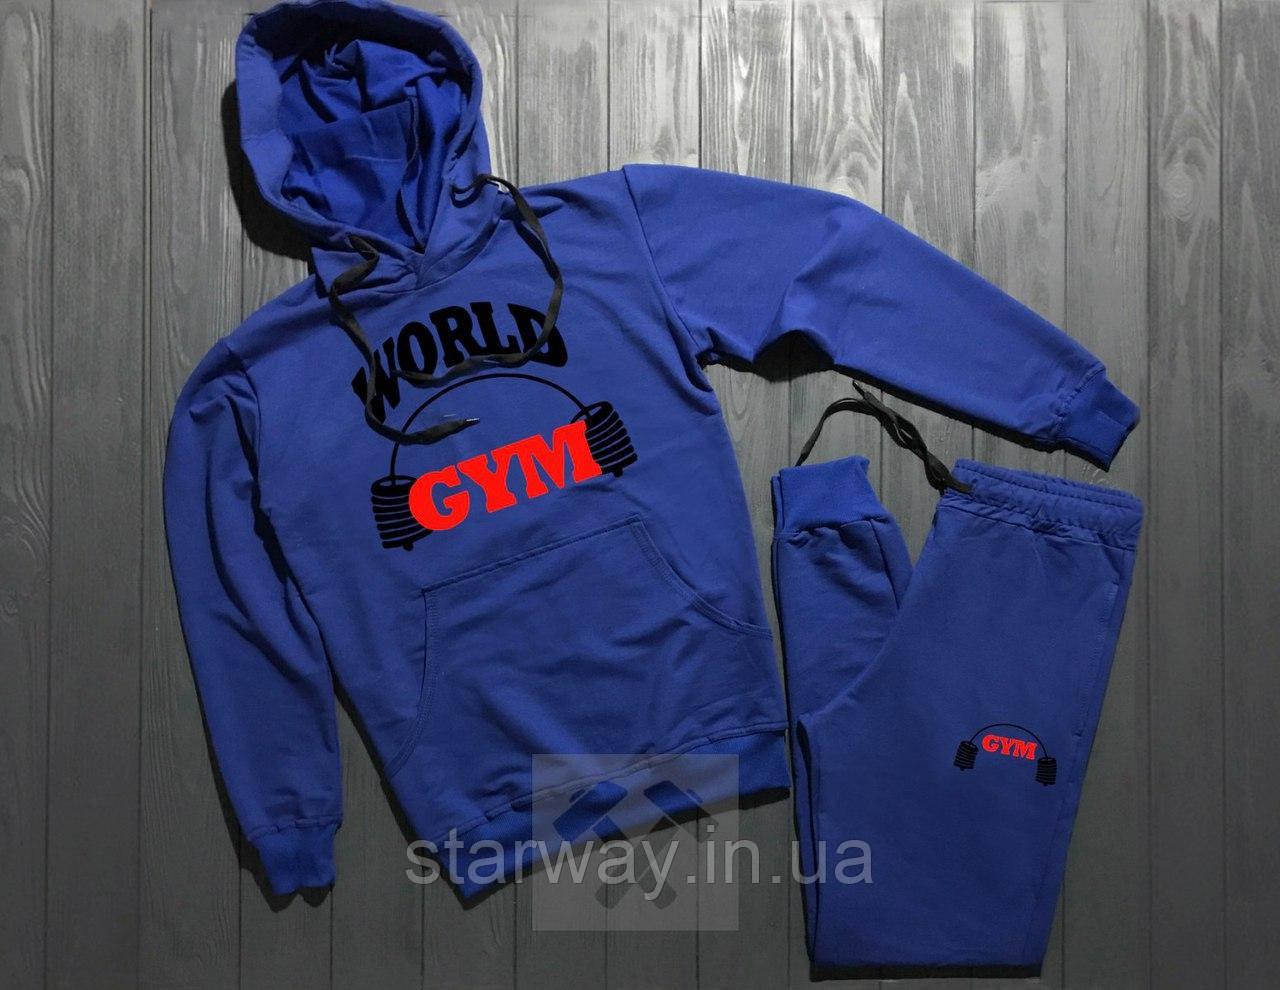 Спортивный тёмно синий трикотажный костюм с капюшоном World Gym logo